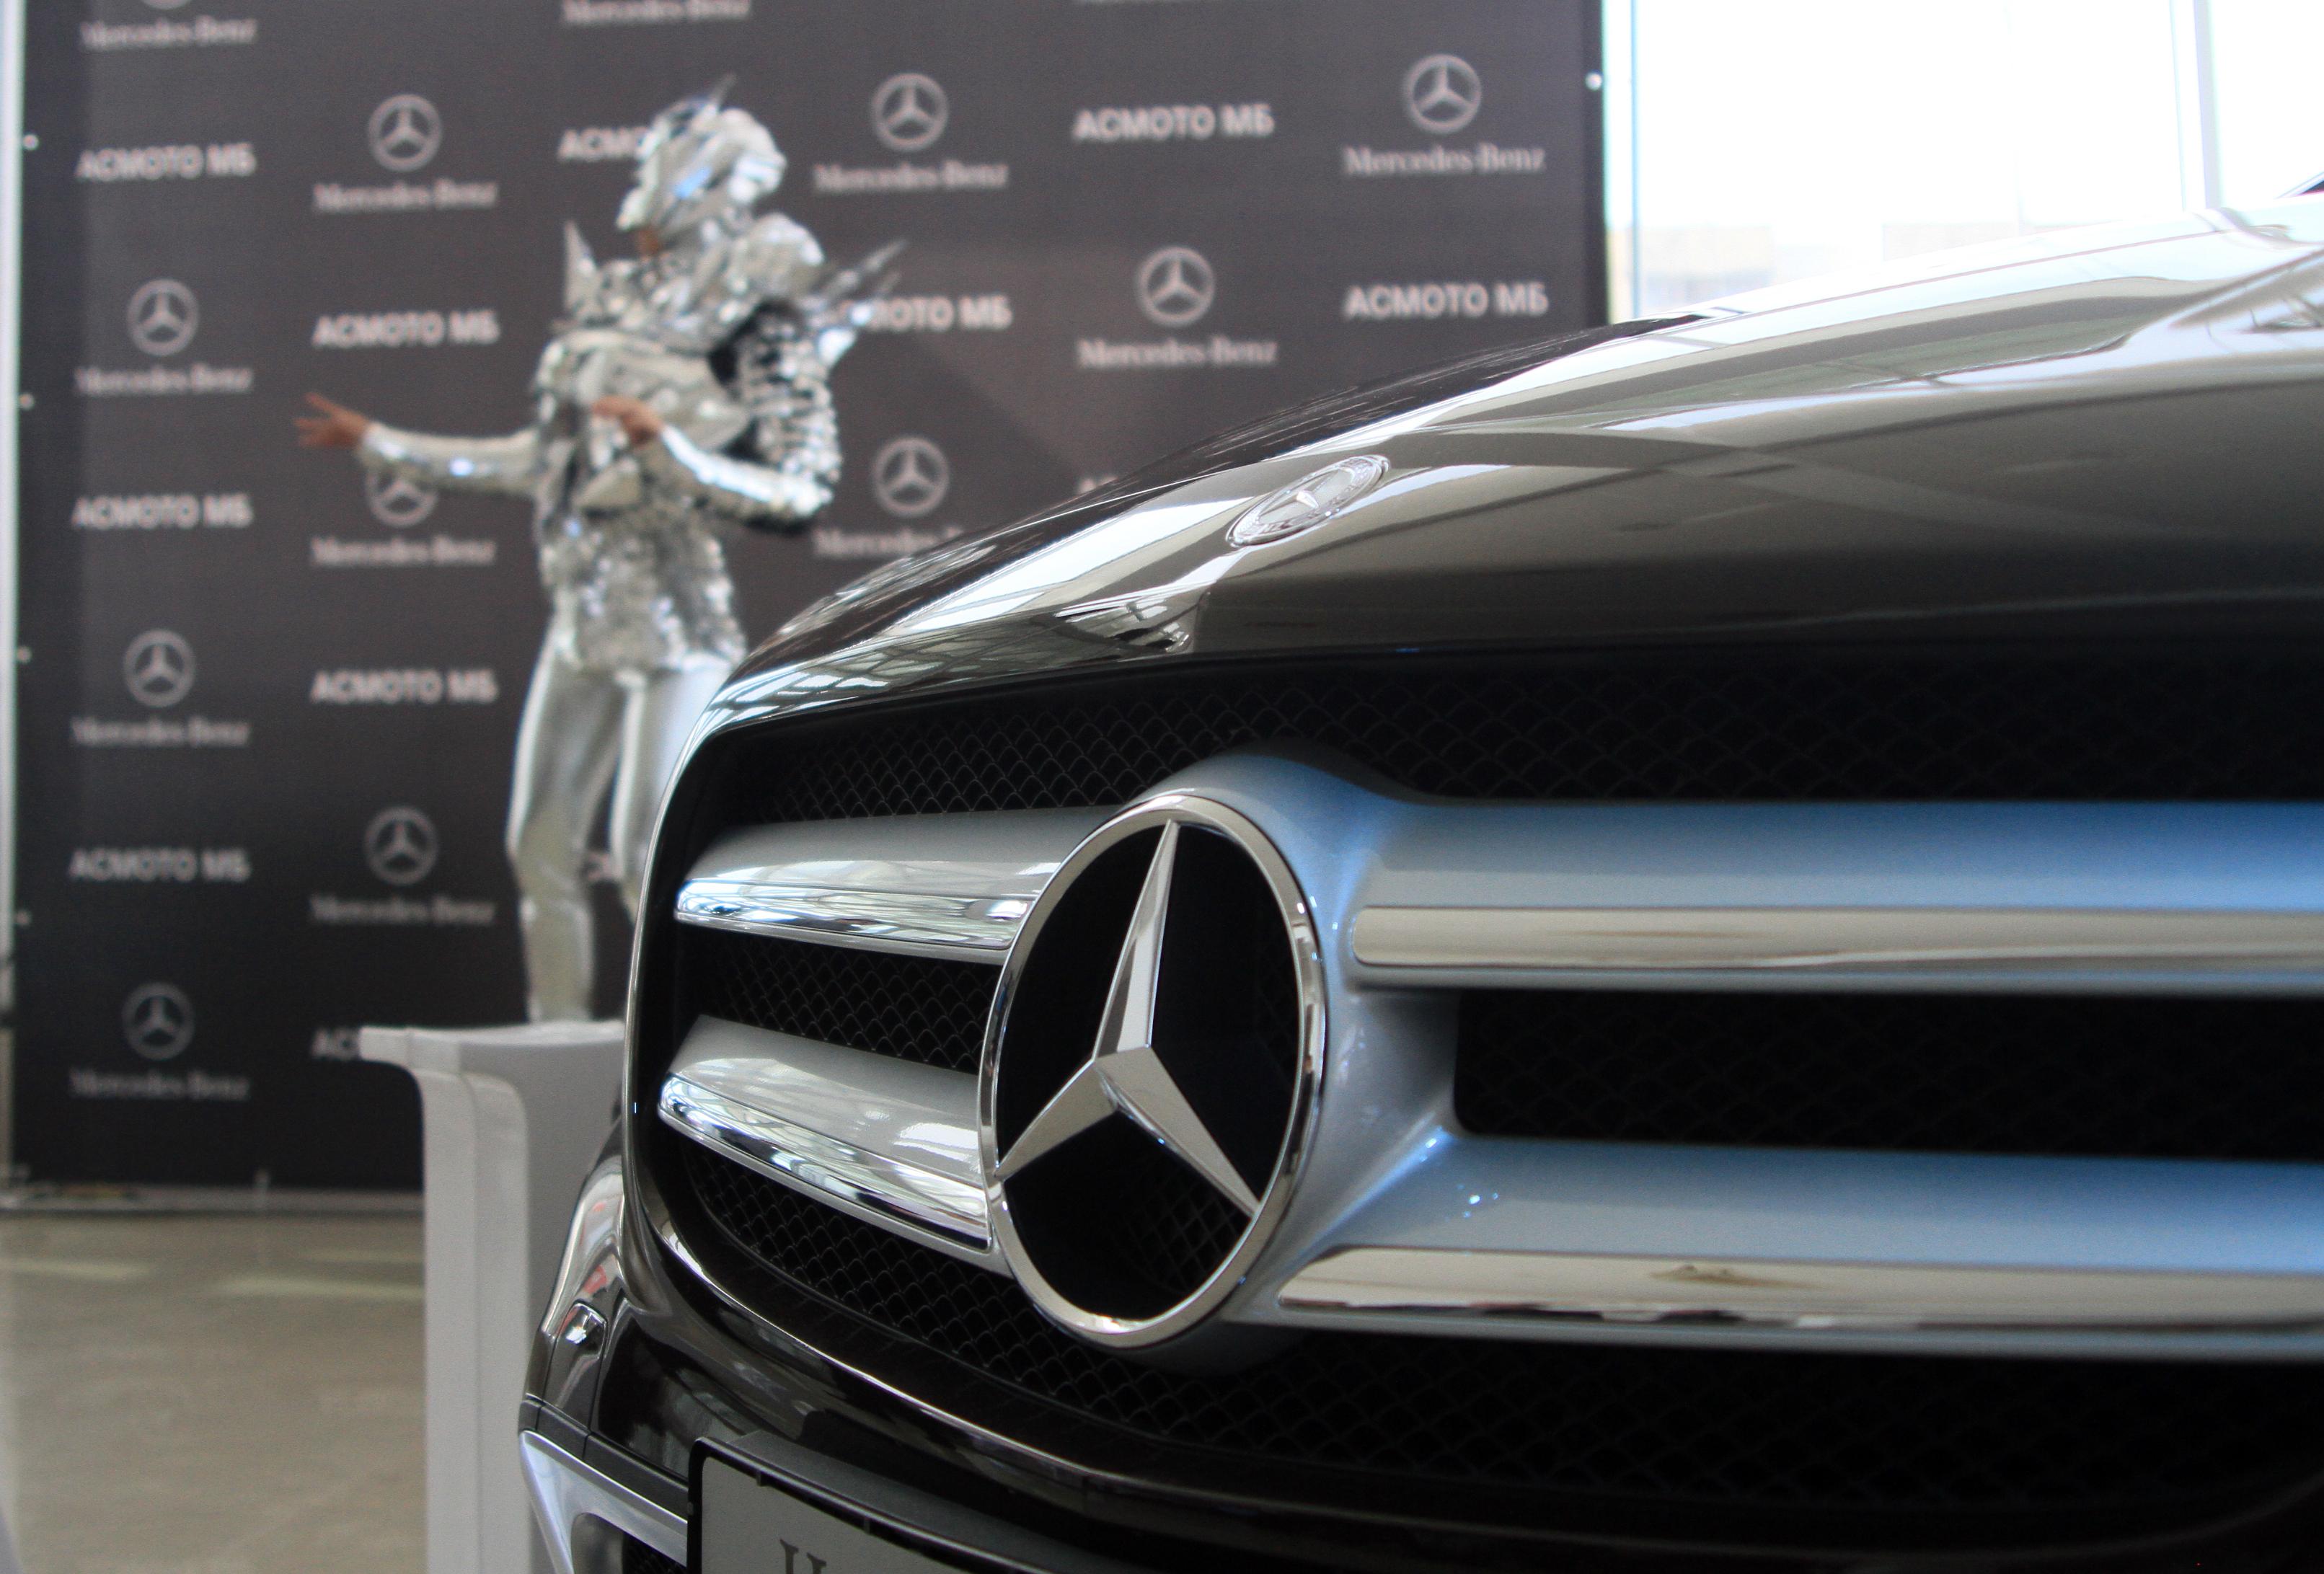 Почти как флагман: в Екатеринбурге презентовали новый Mercedes-Benz C-класса